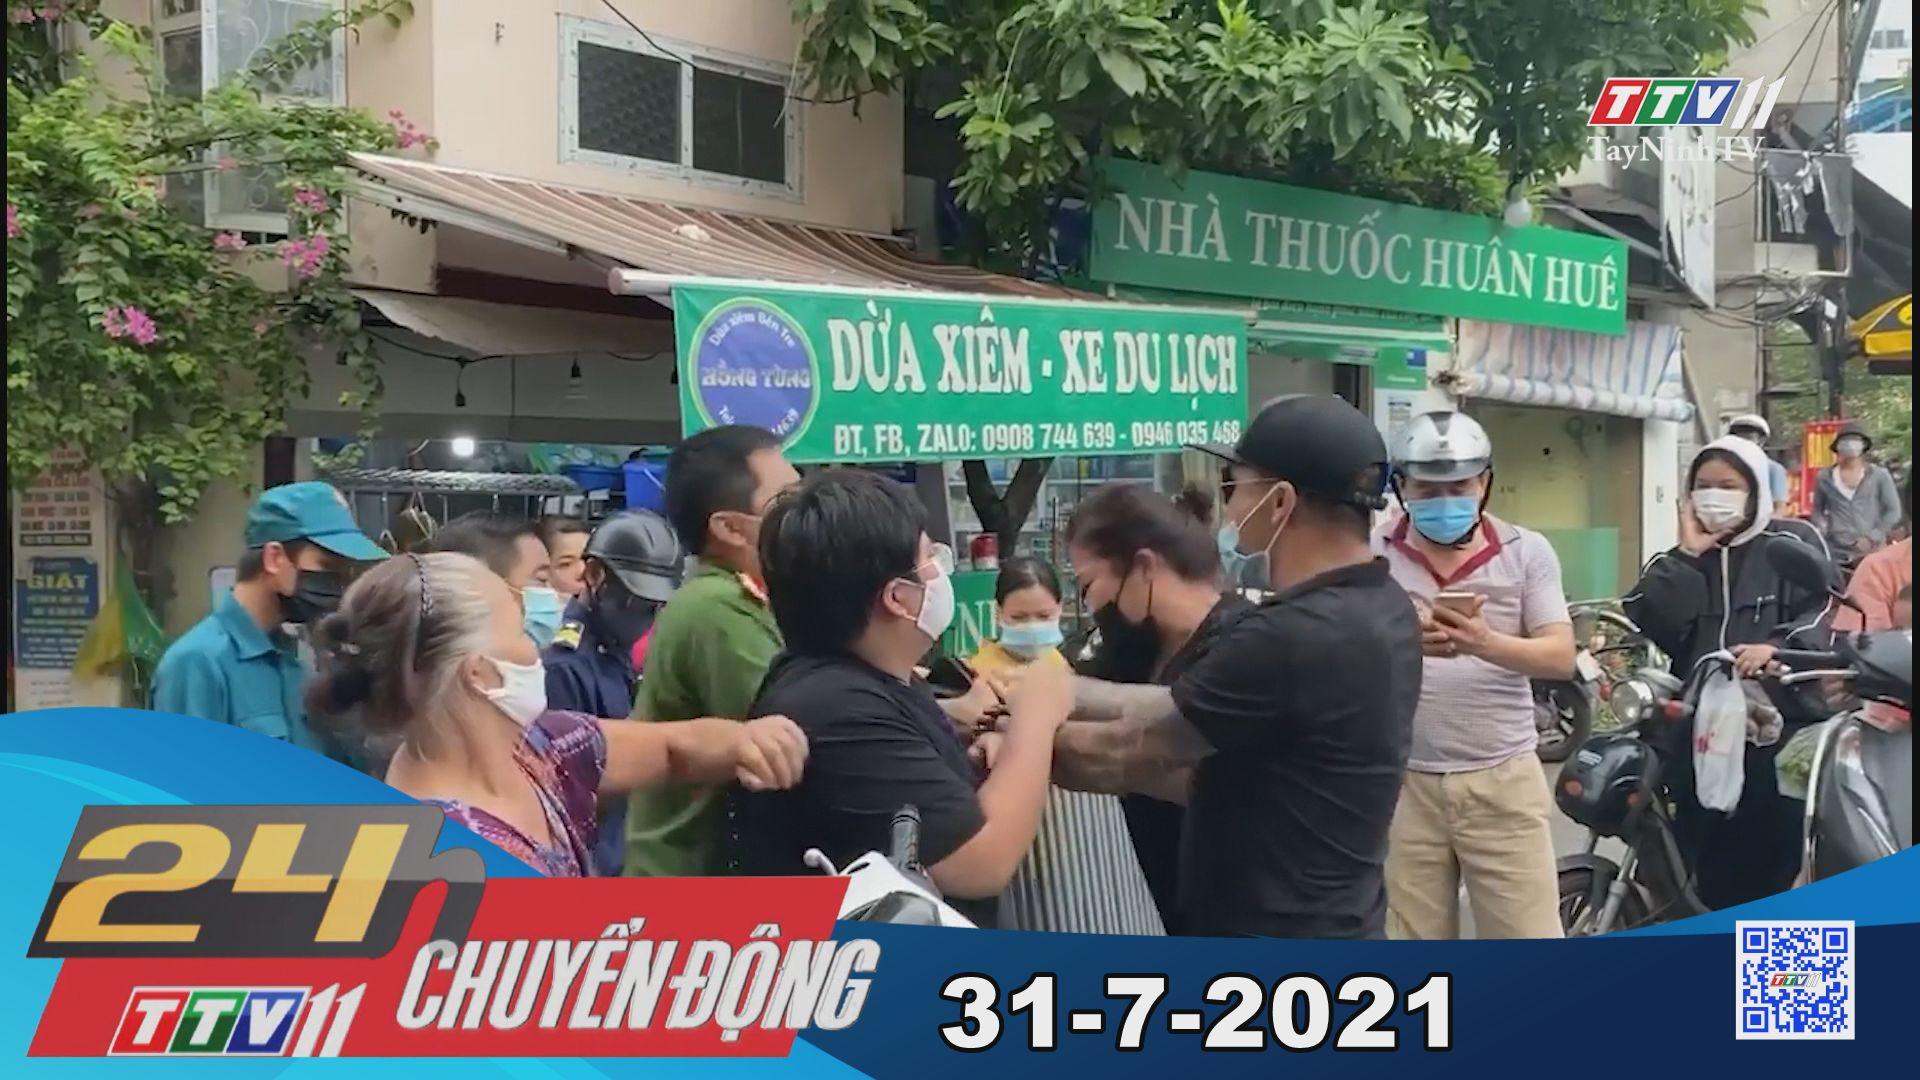 24h Chuyển động 31-7-2021 | Tin tức hôm nay | TayNinhTV